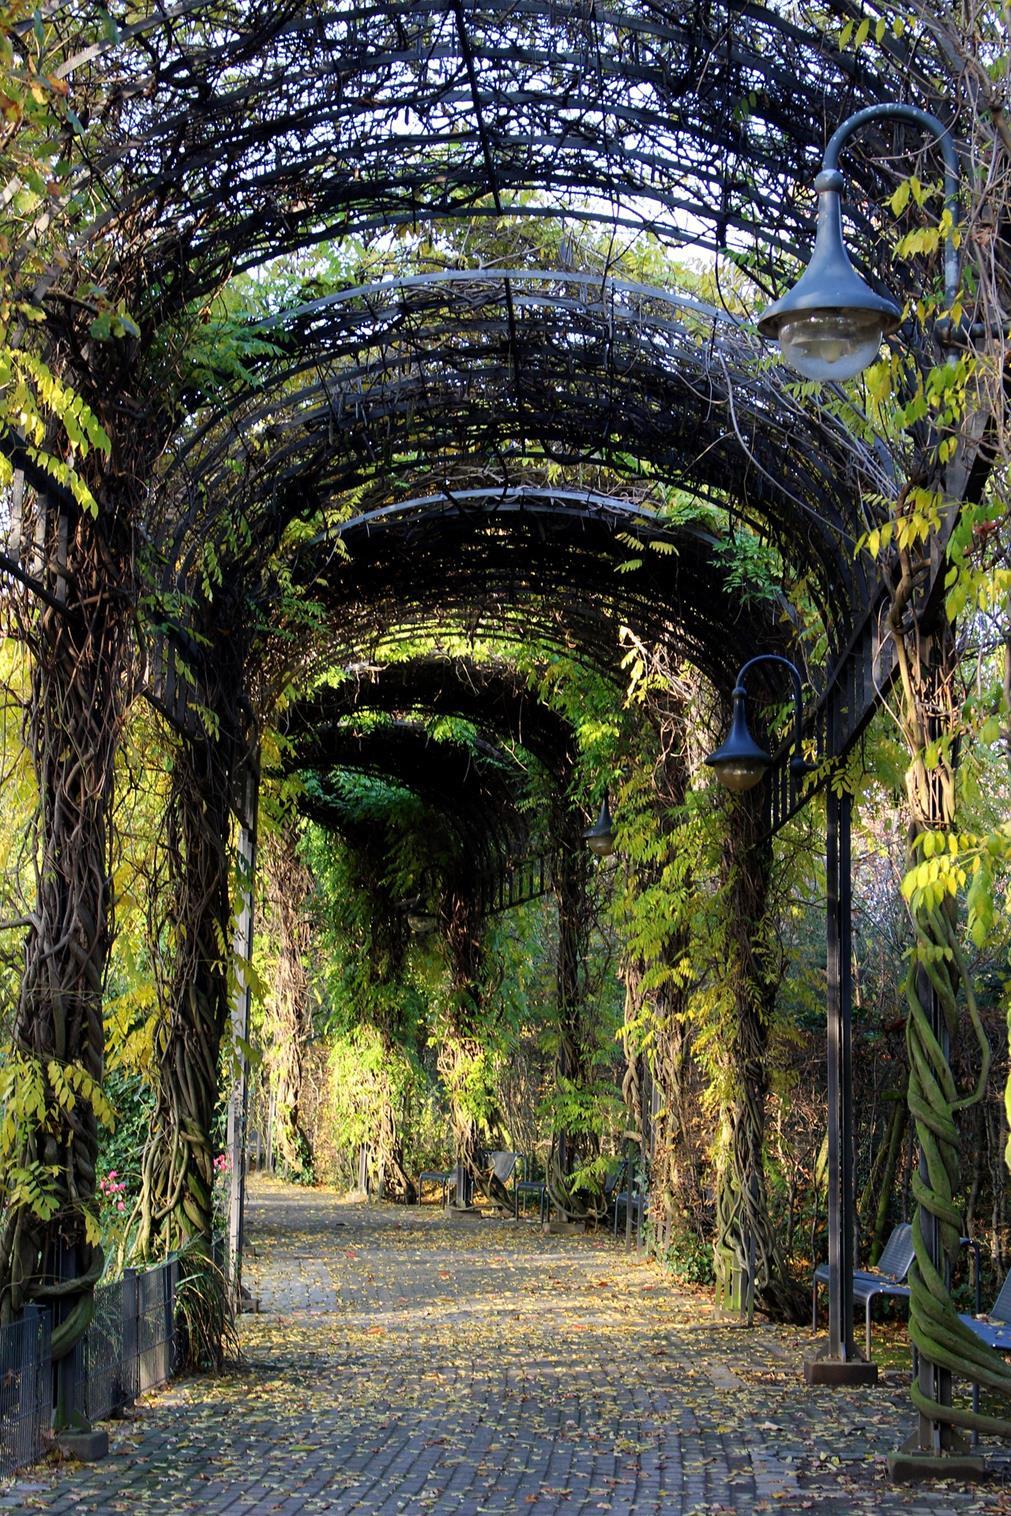 Un tunnel végétal : une enfilade d'arches de verdure couvre une rue pavée plantée de lampadaires et de bancs alternées à l'abri des arbres ; la lumière extérieure est filtrée par les feuillages